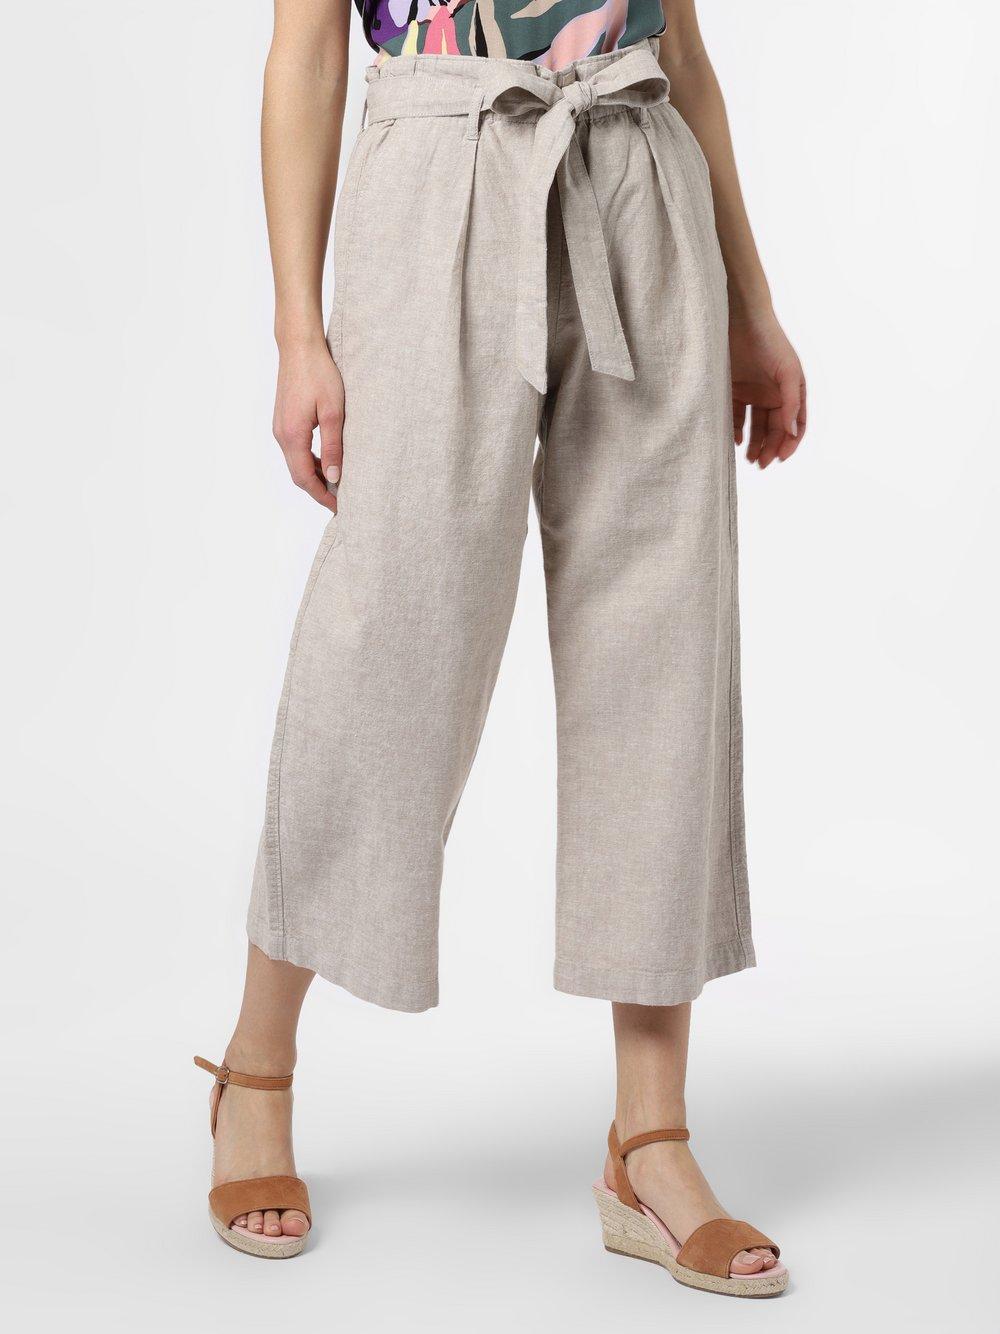 Franco Callegari - Spodnie damskie z dodatkiem lnu, beżowy